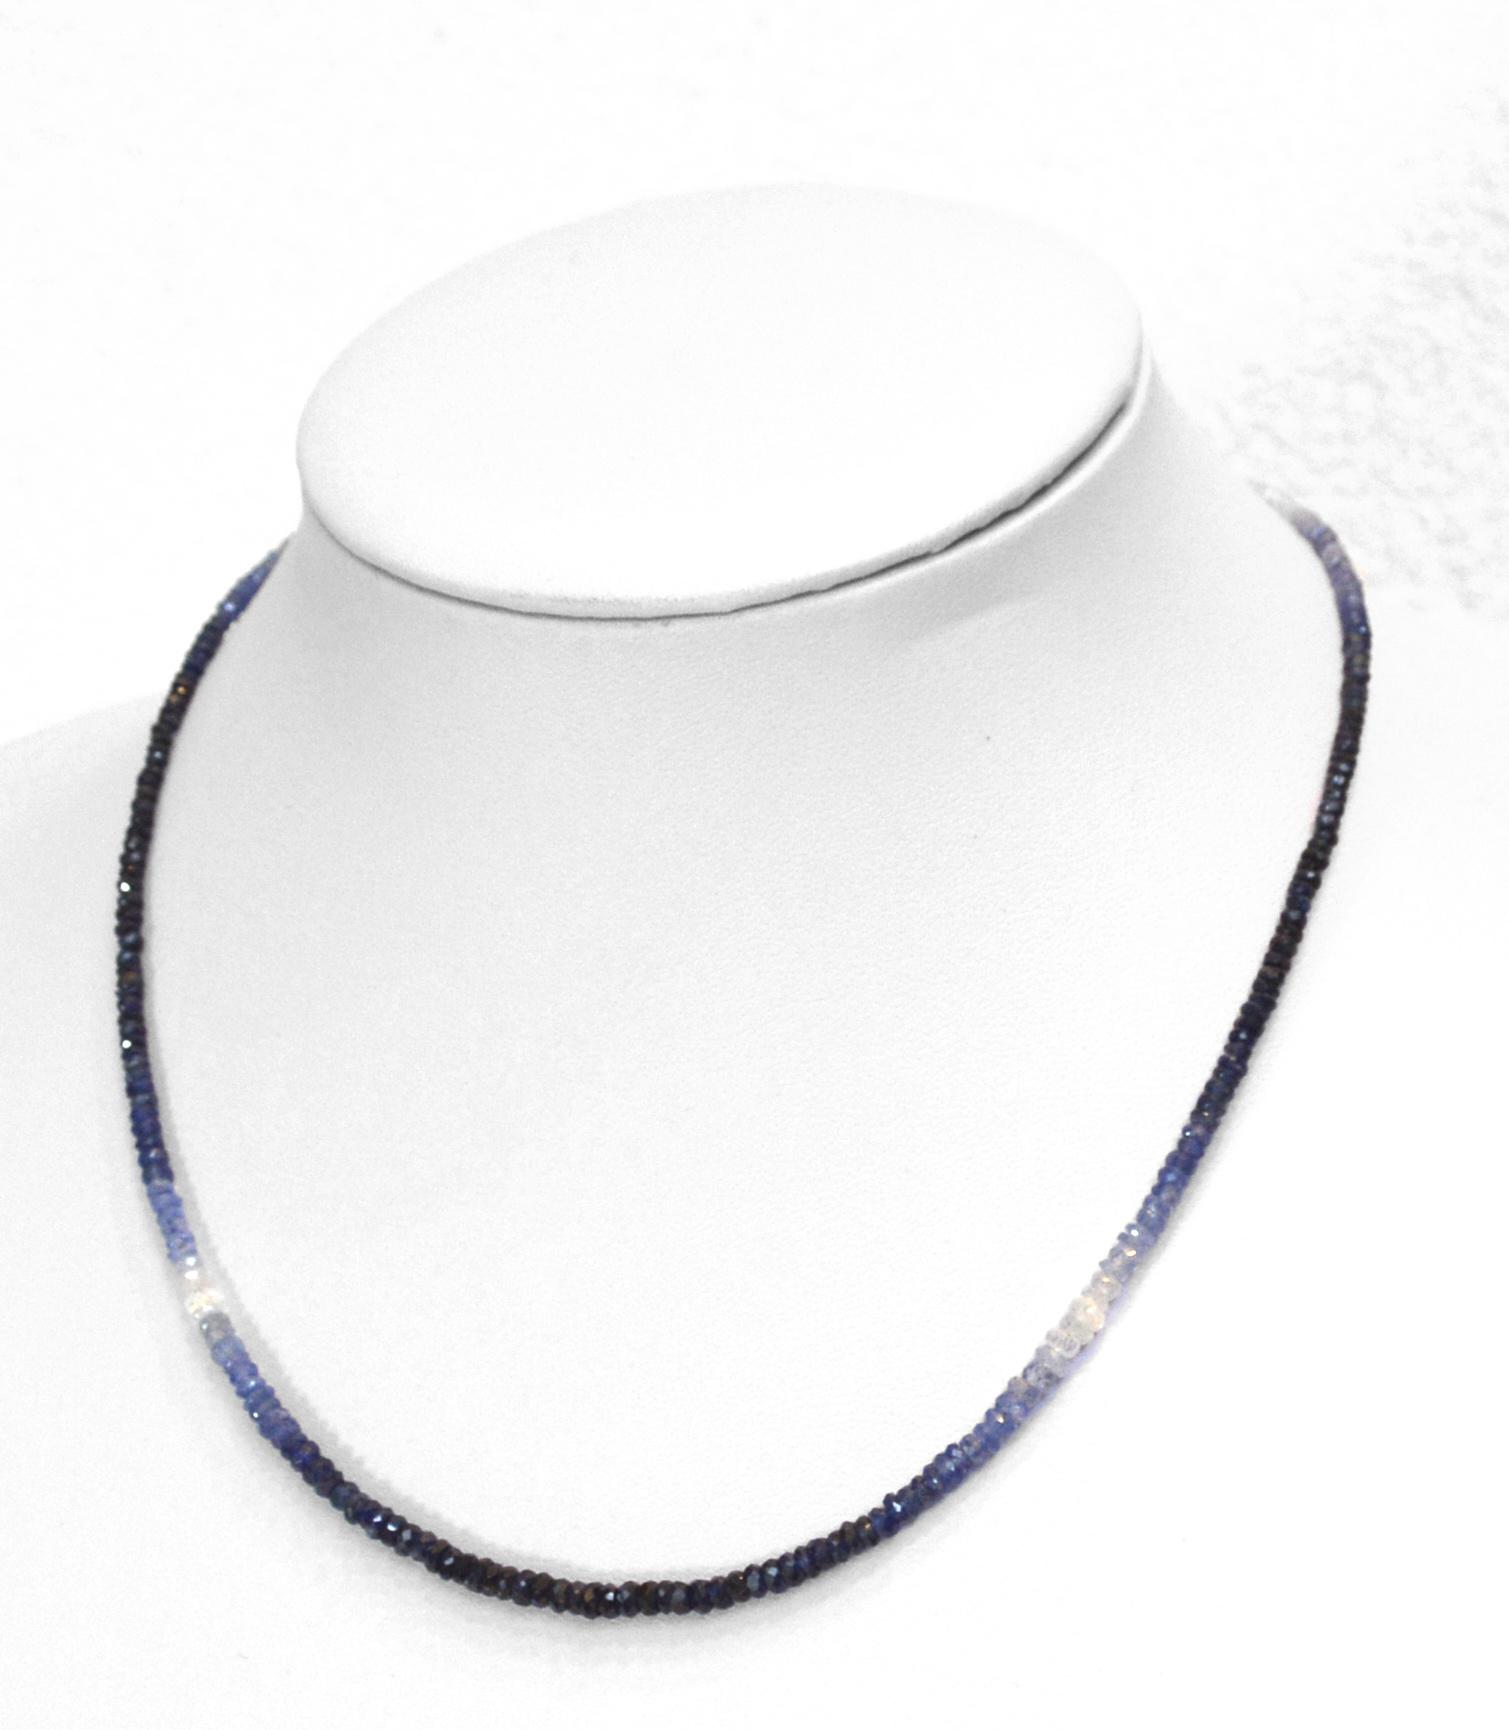 Saphir blau Kugelkette facettiert Farbverlauf